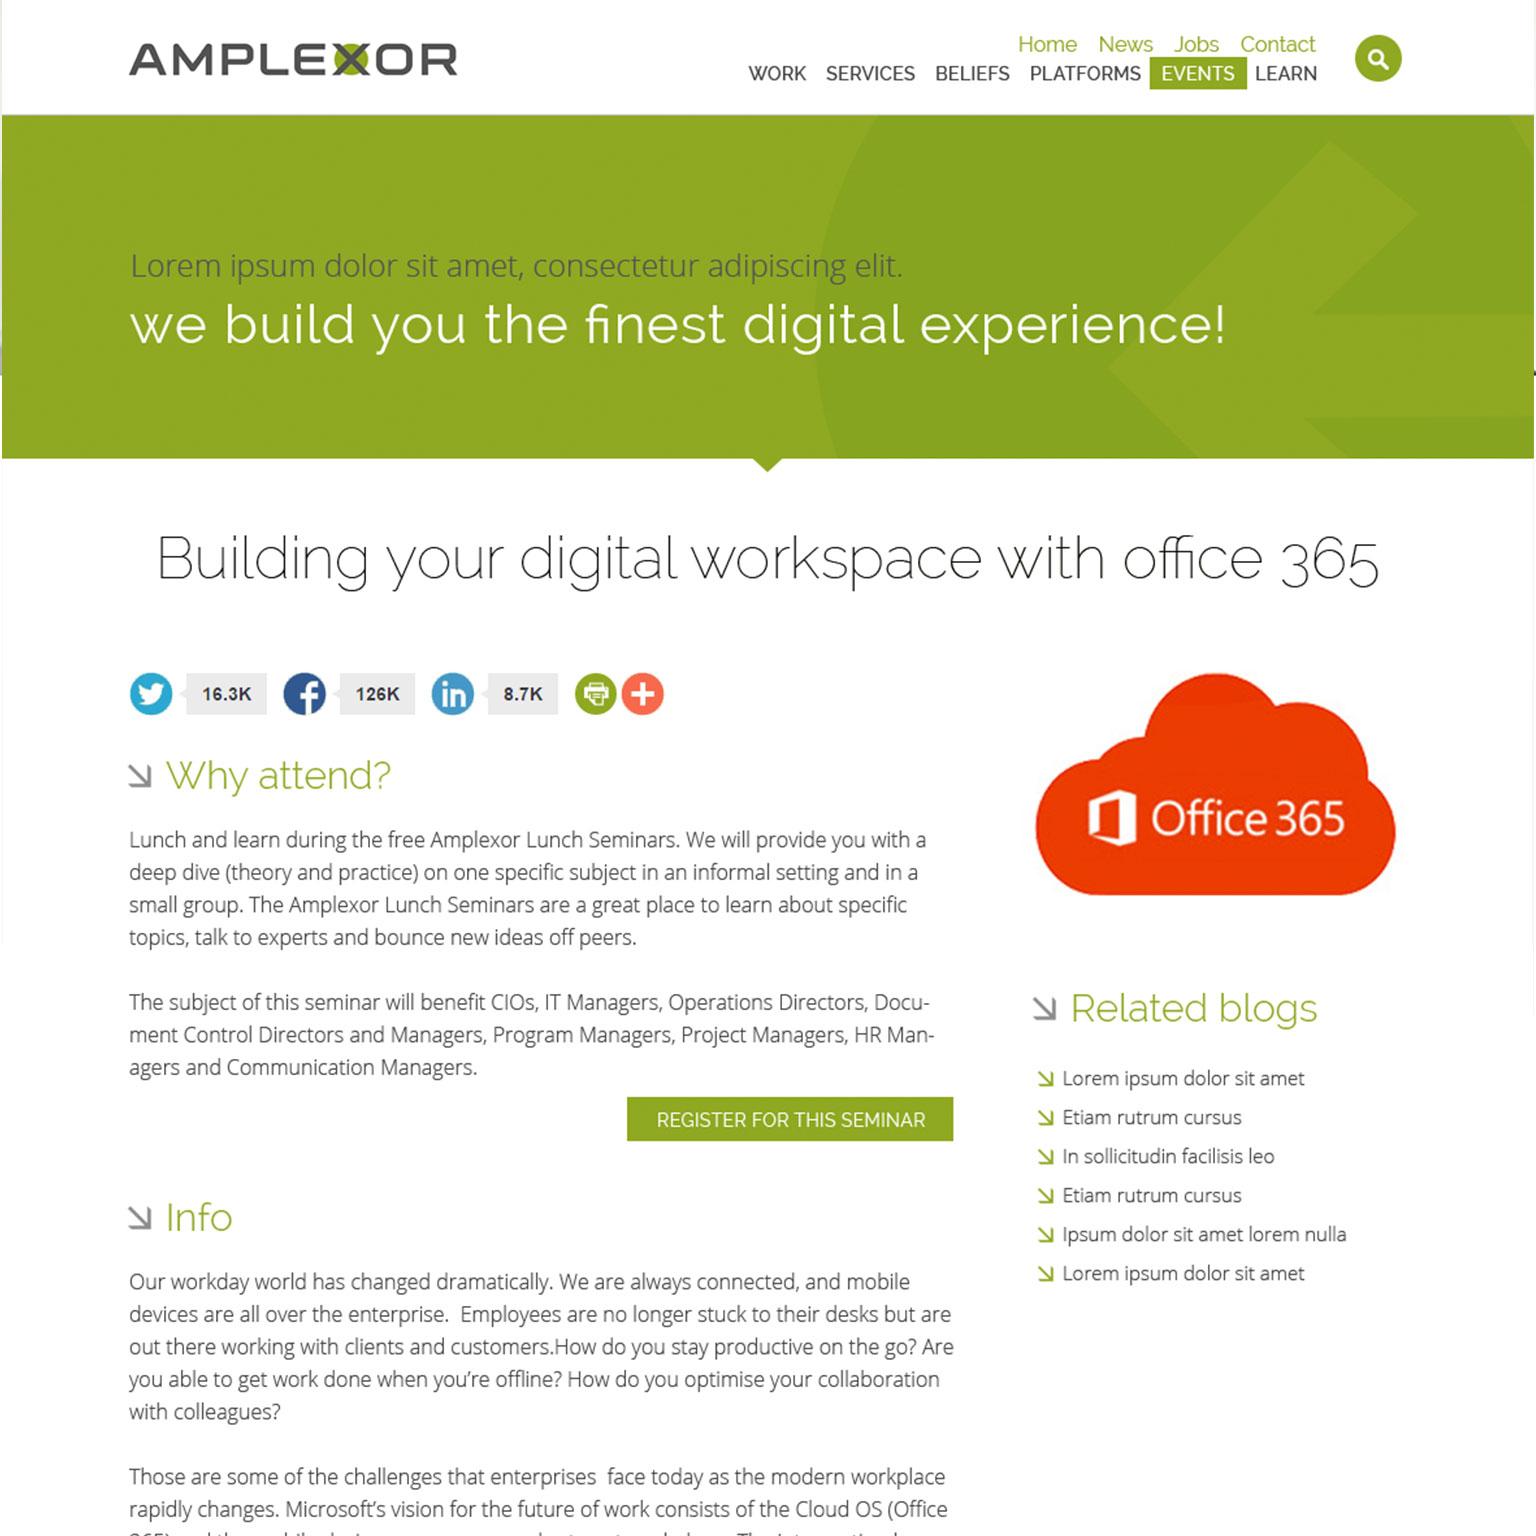 1536x1536-case-study-amplexor-site-page-2